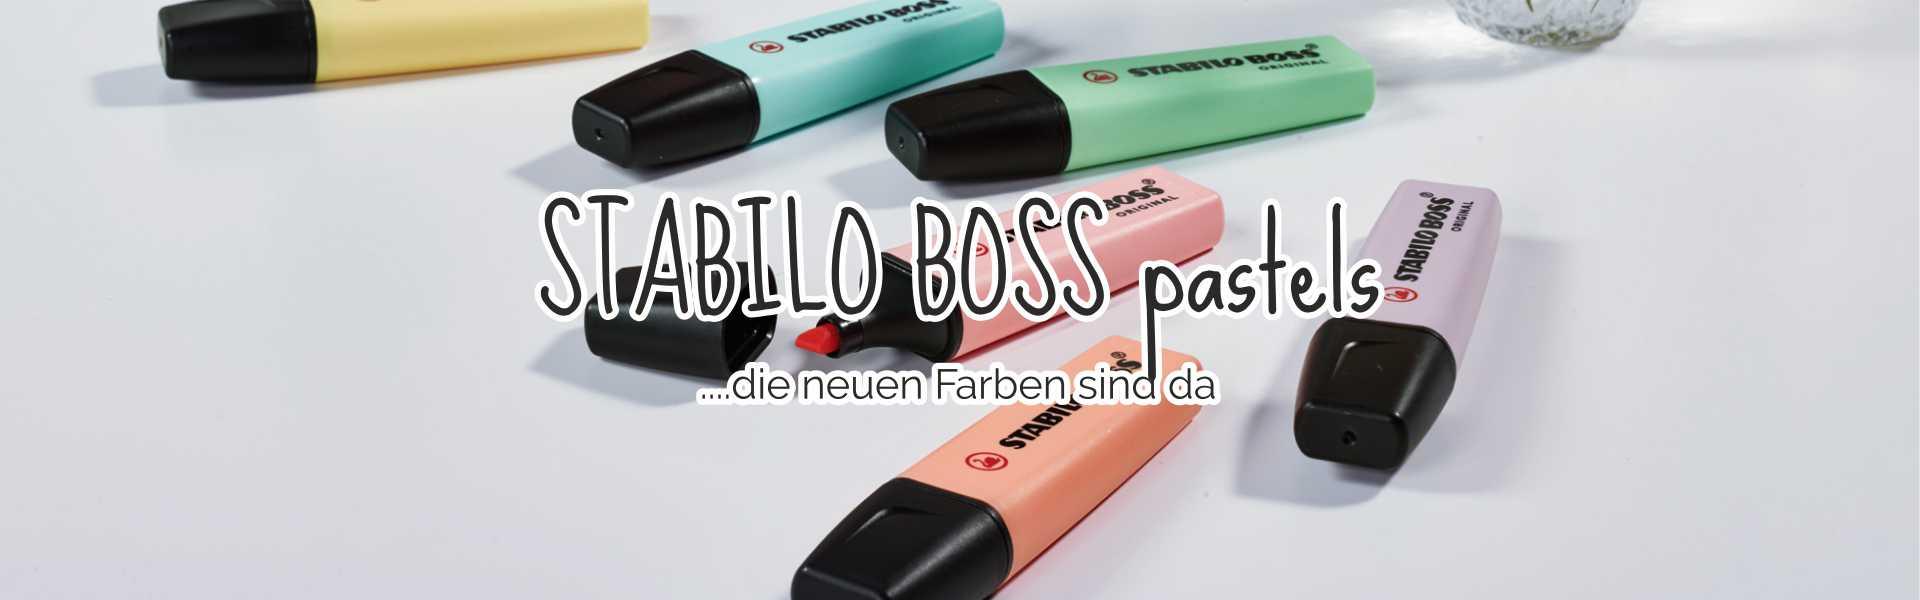 Stabilo Boss pastels